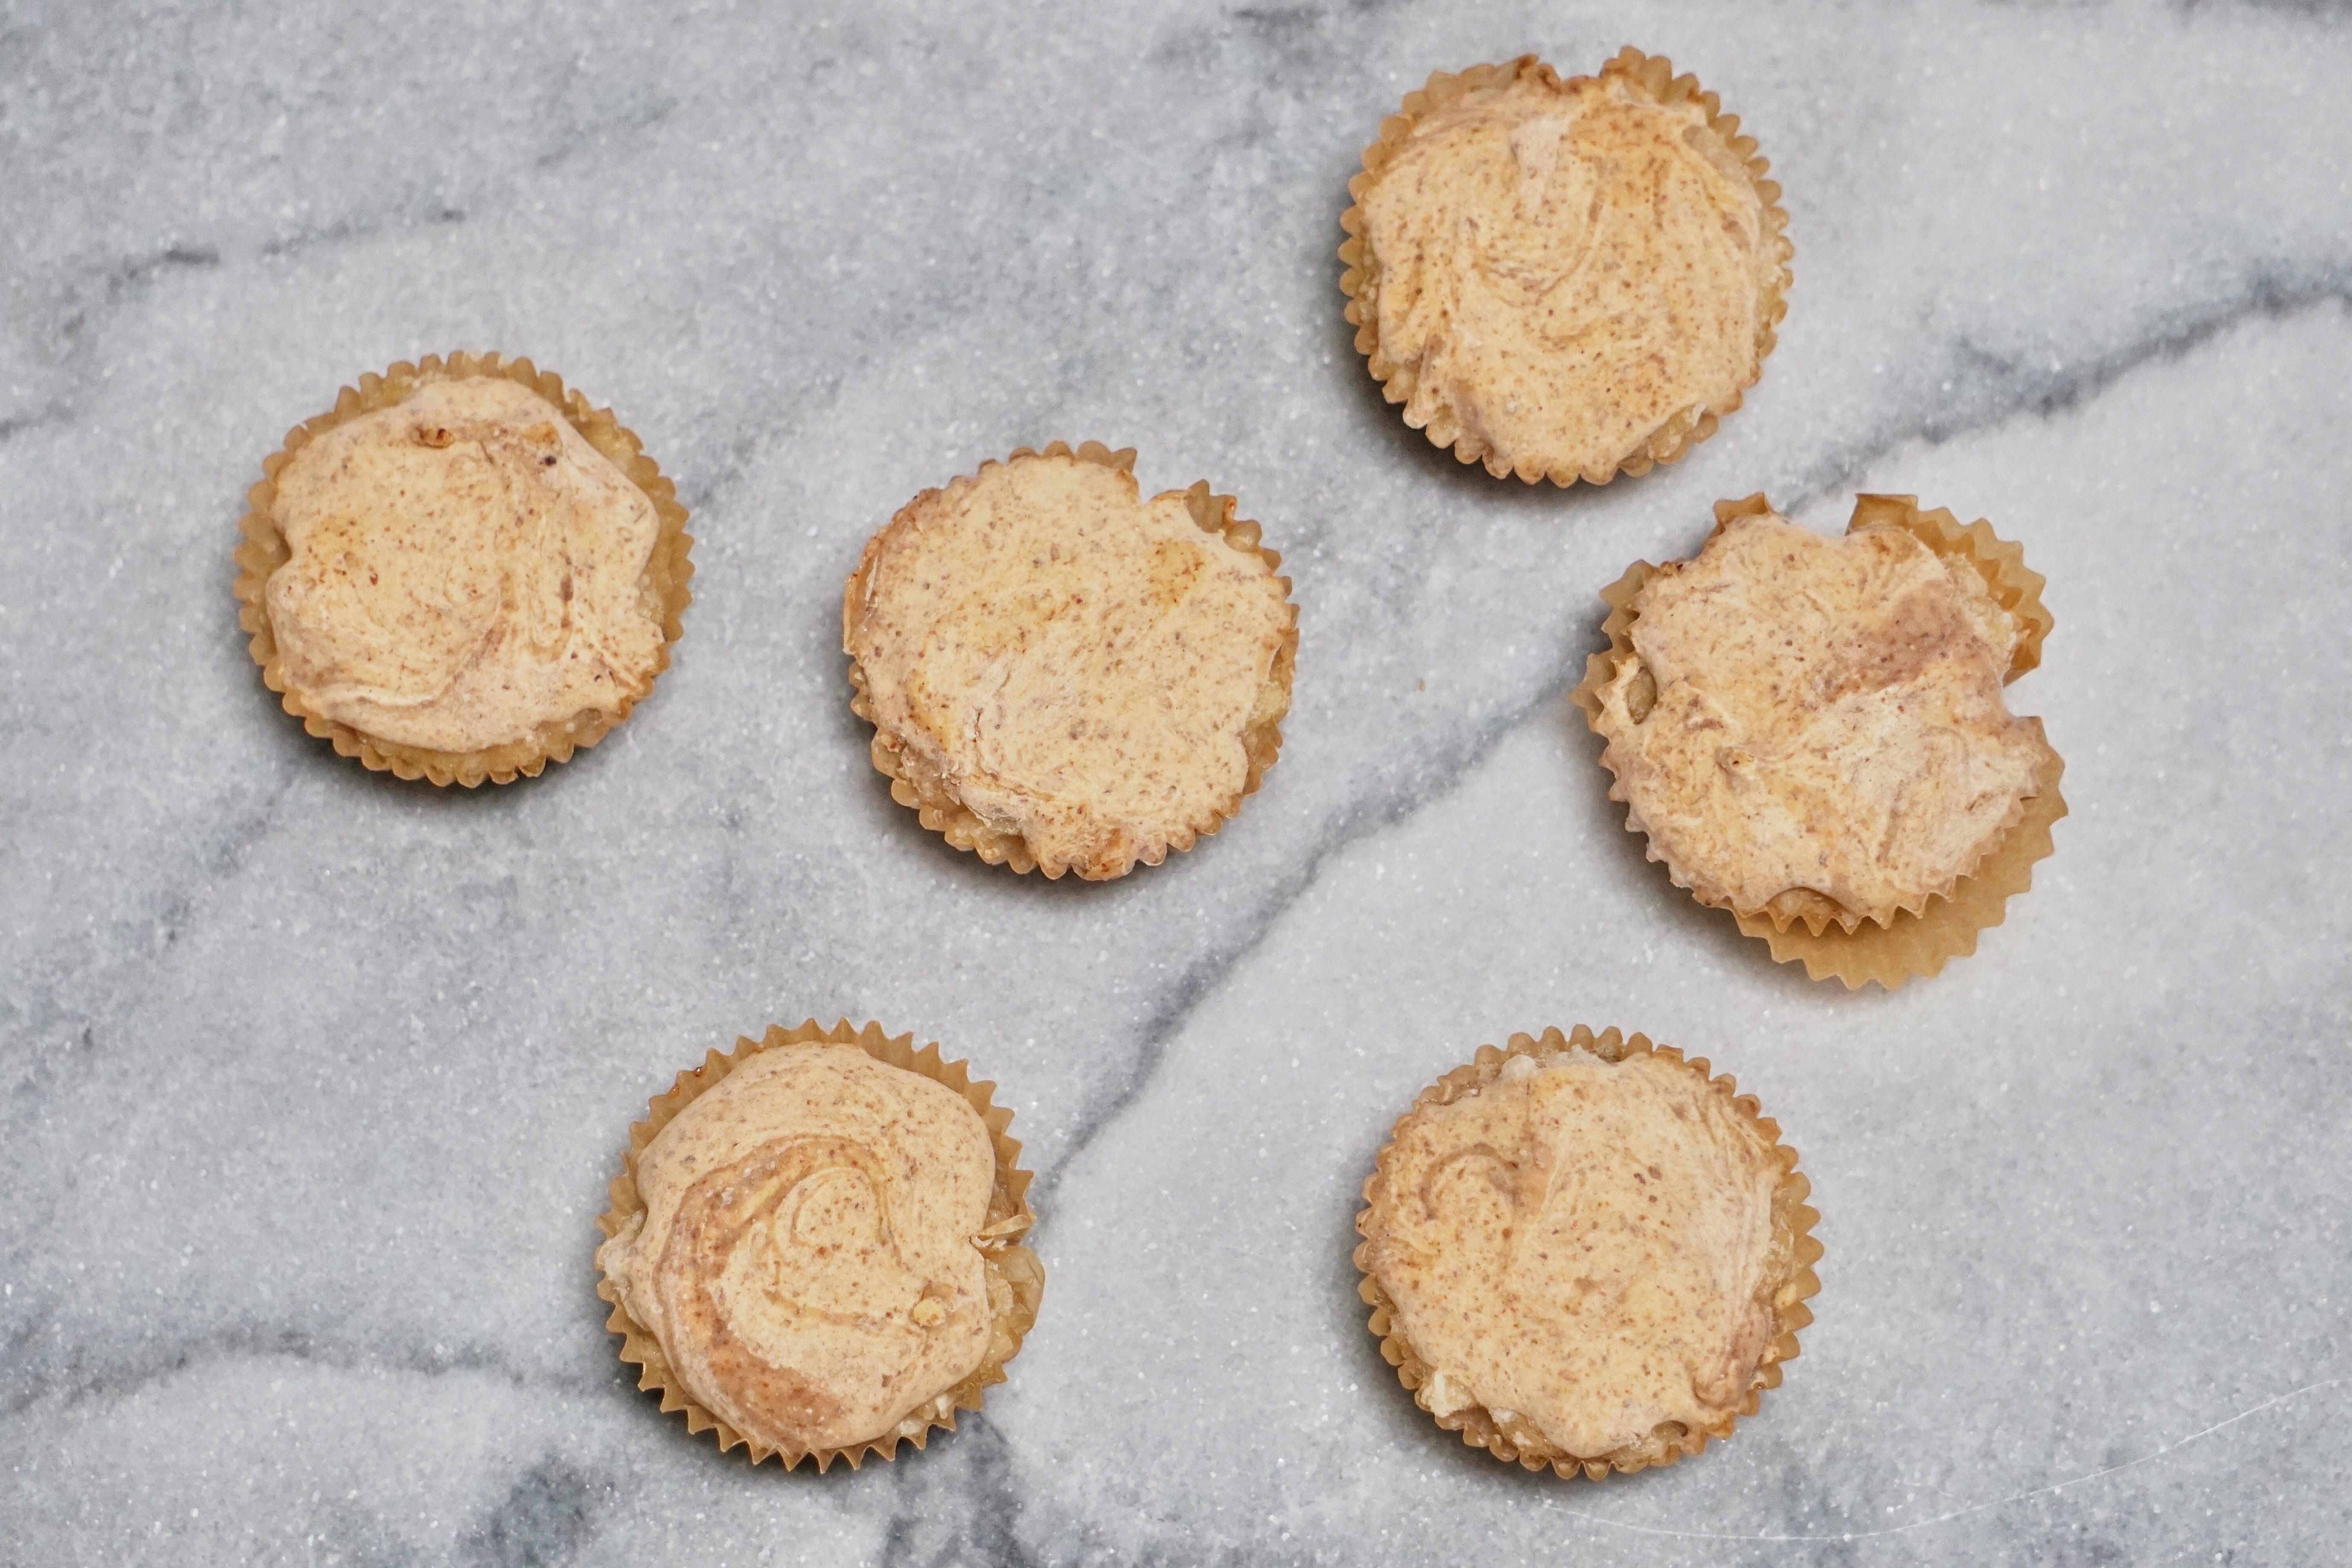 Almond Butter Banana Cups Leahs Plate4 - Almond Butter & Banana Cups